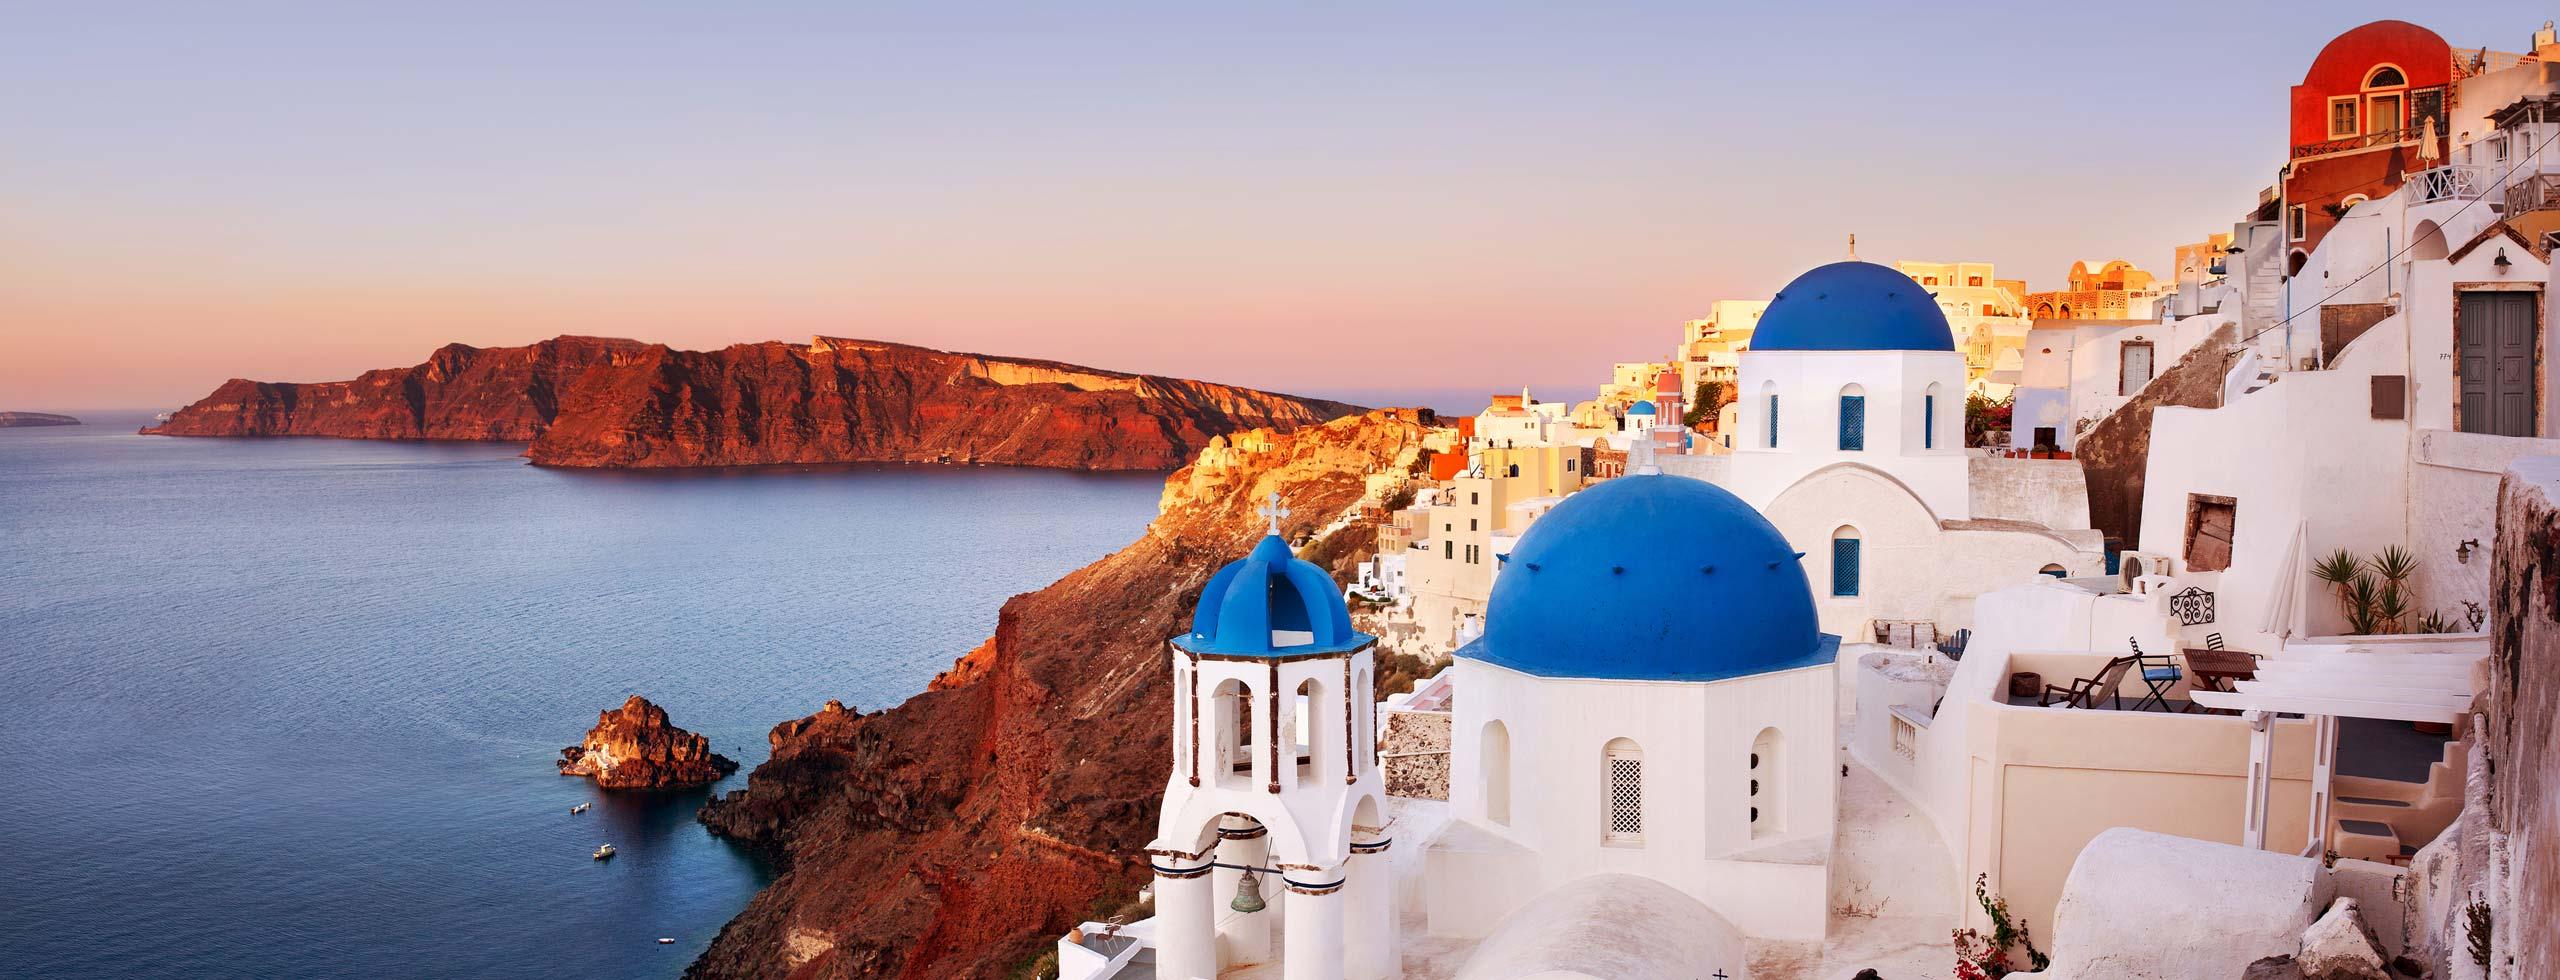 Dove andare in vacanza in Grecia? Ecco qualche consiglio!